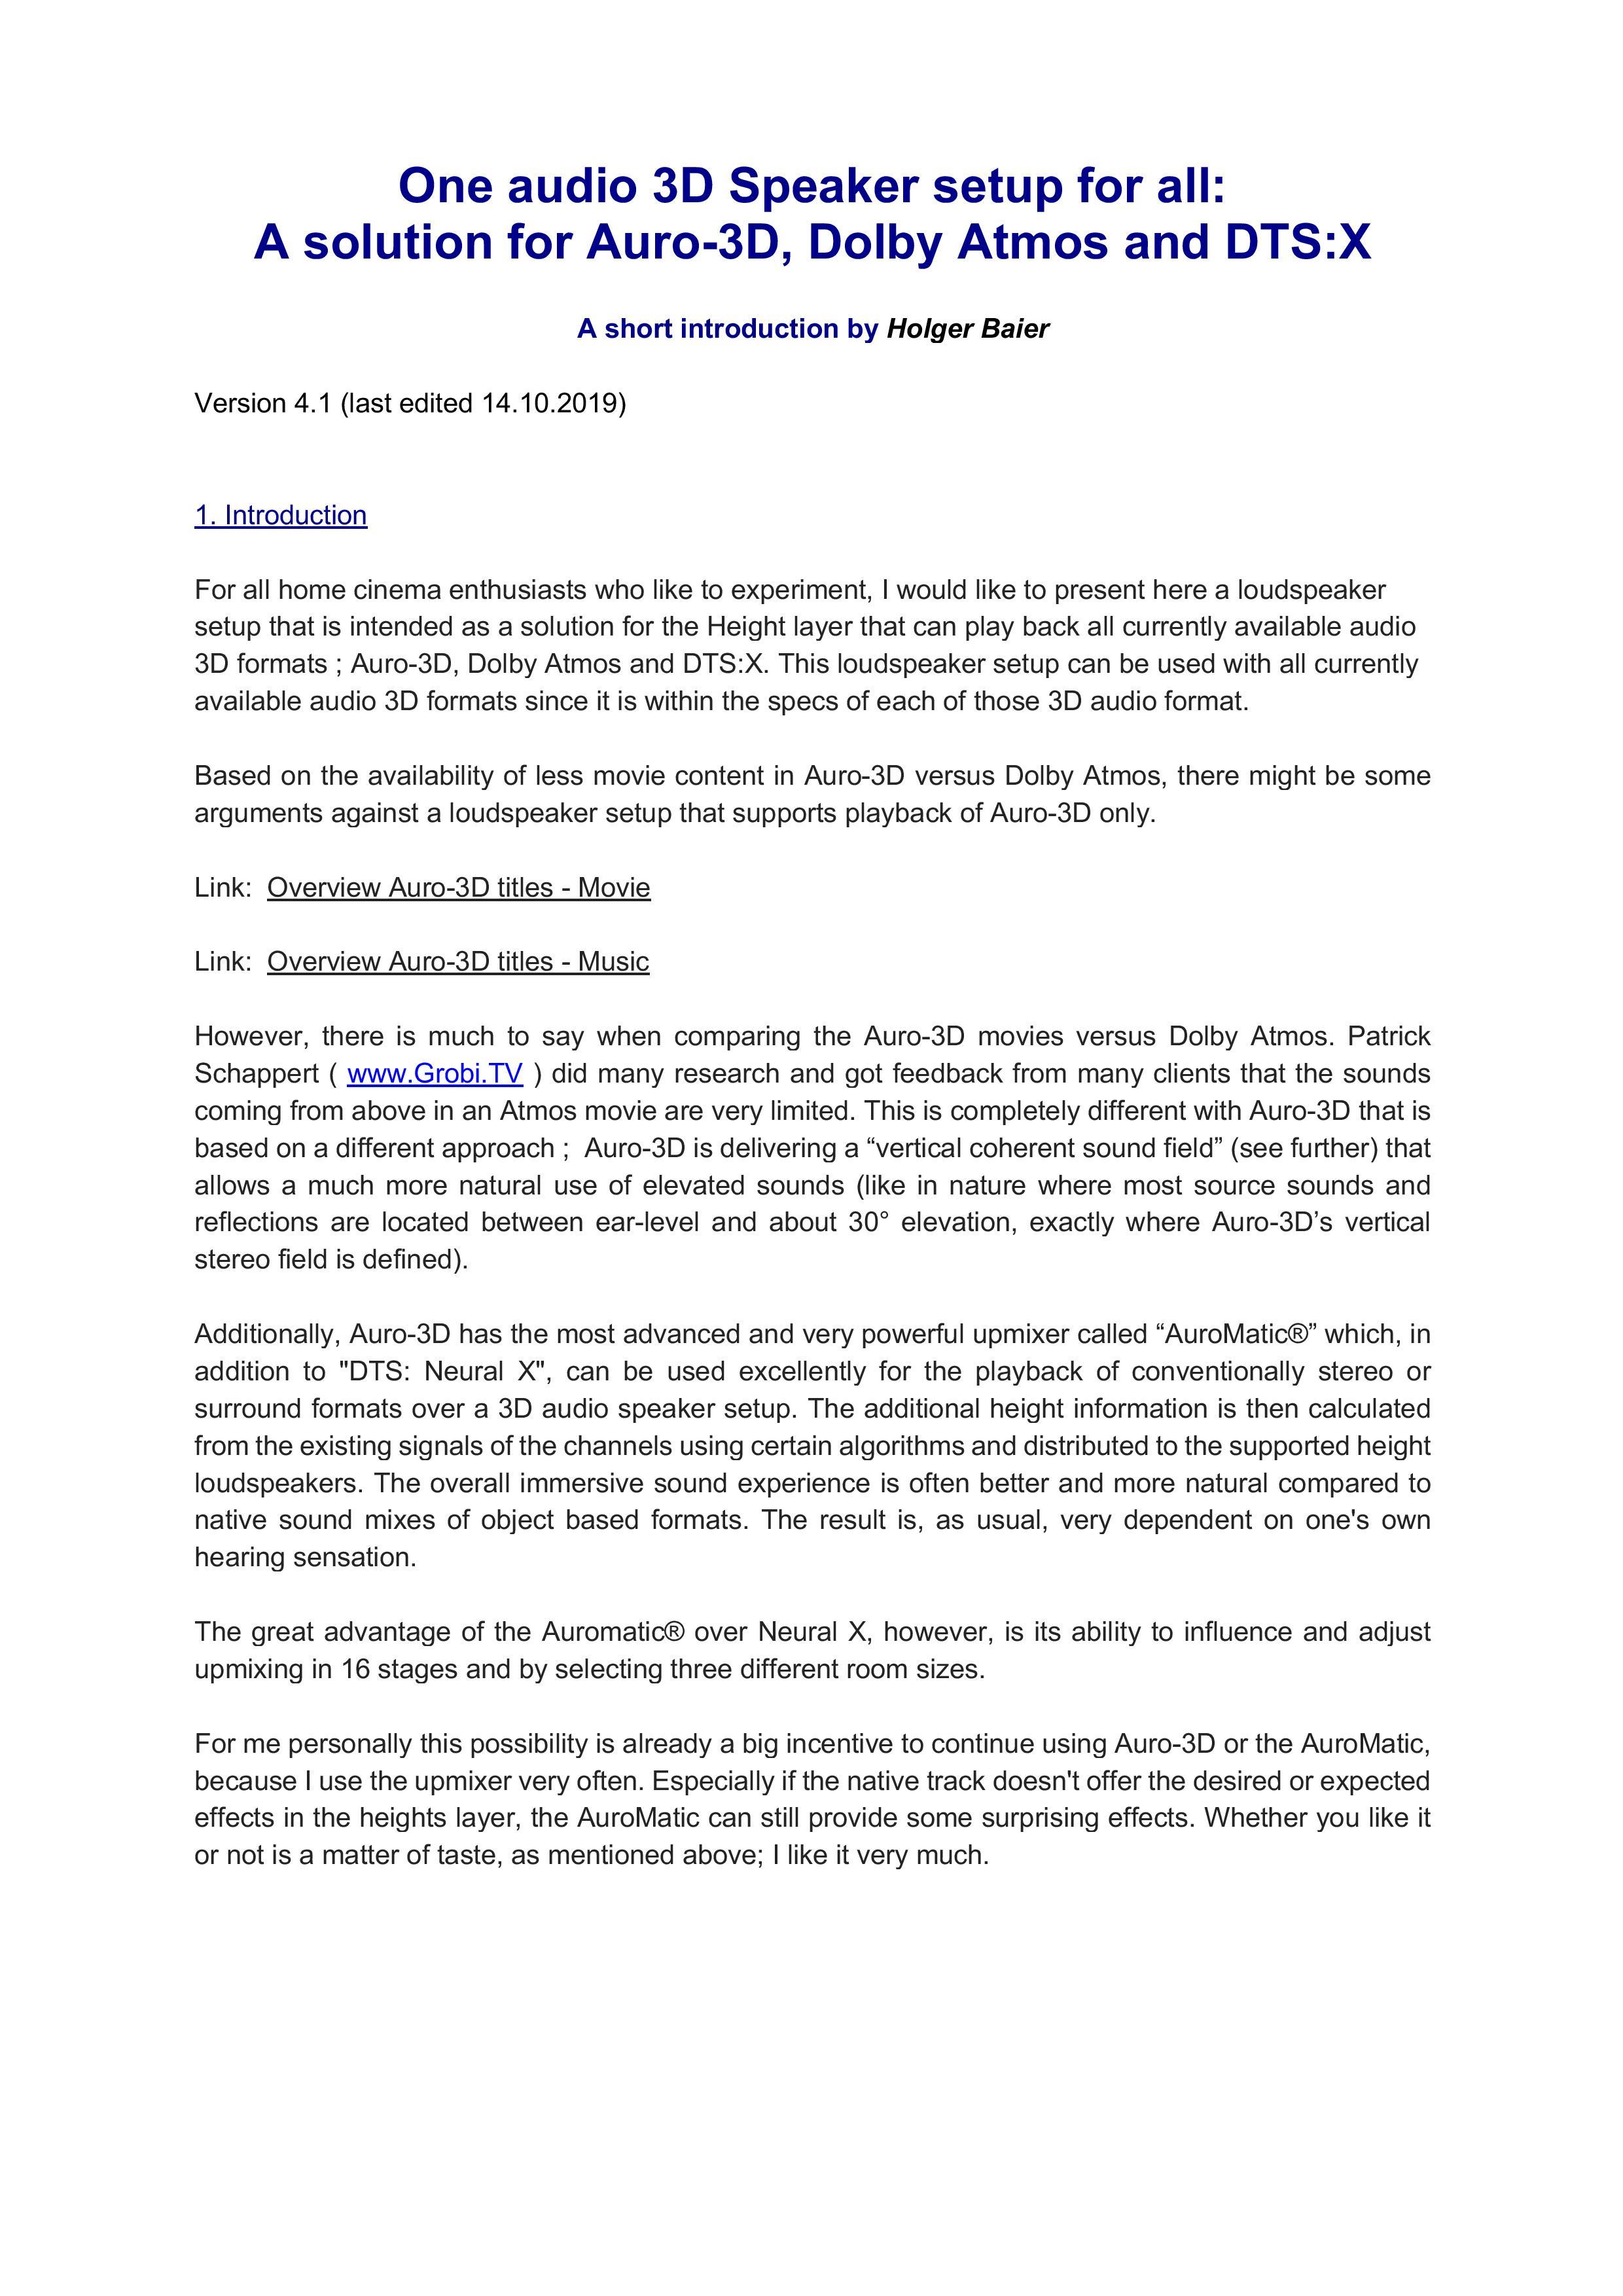 Auro3D_Version-4_1-page-001